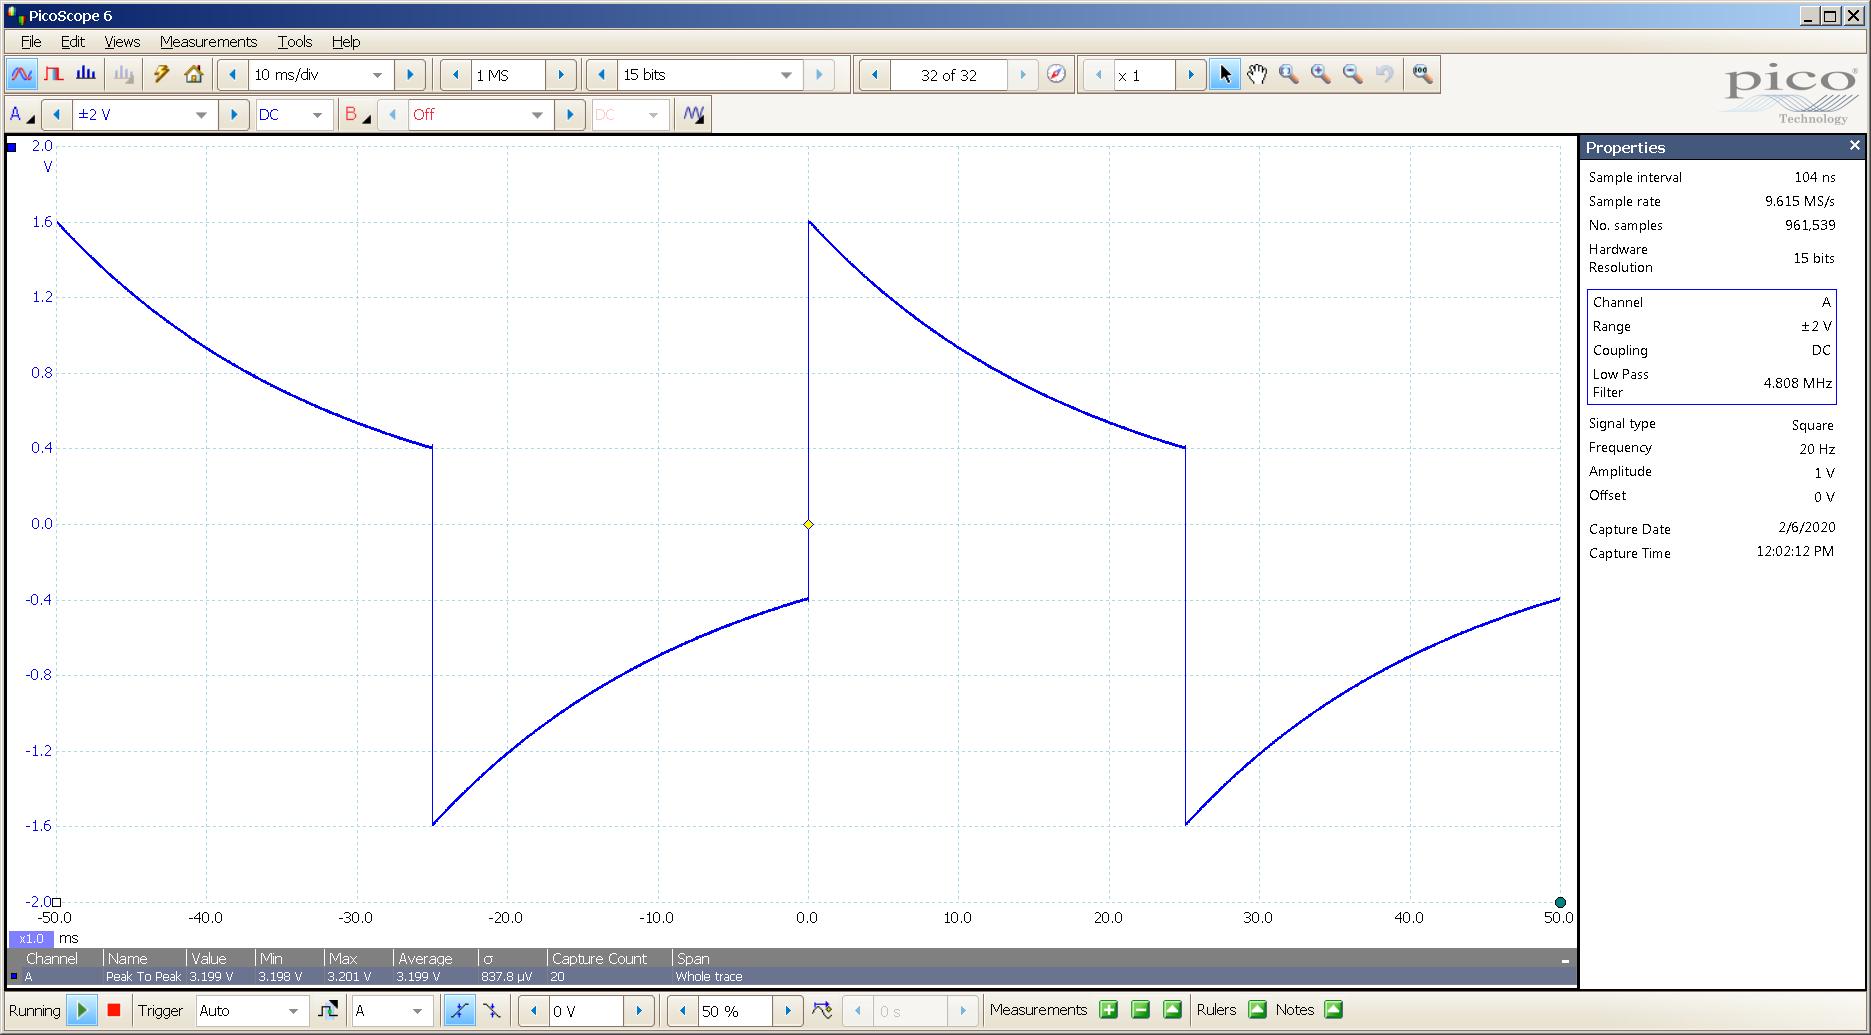 20200206 SigGen ECP T4 Mullard CV4024 20 Hz square 2000mVpp 10mS div 5MHz filter 32R.png